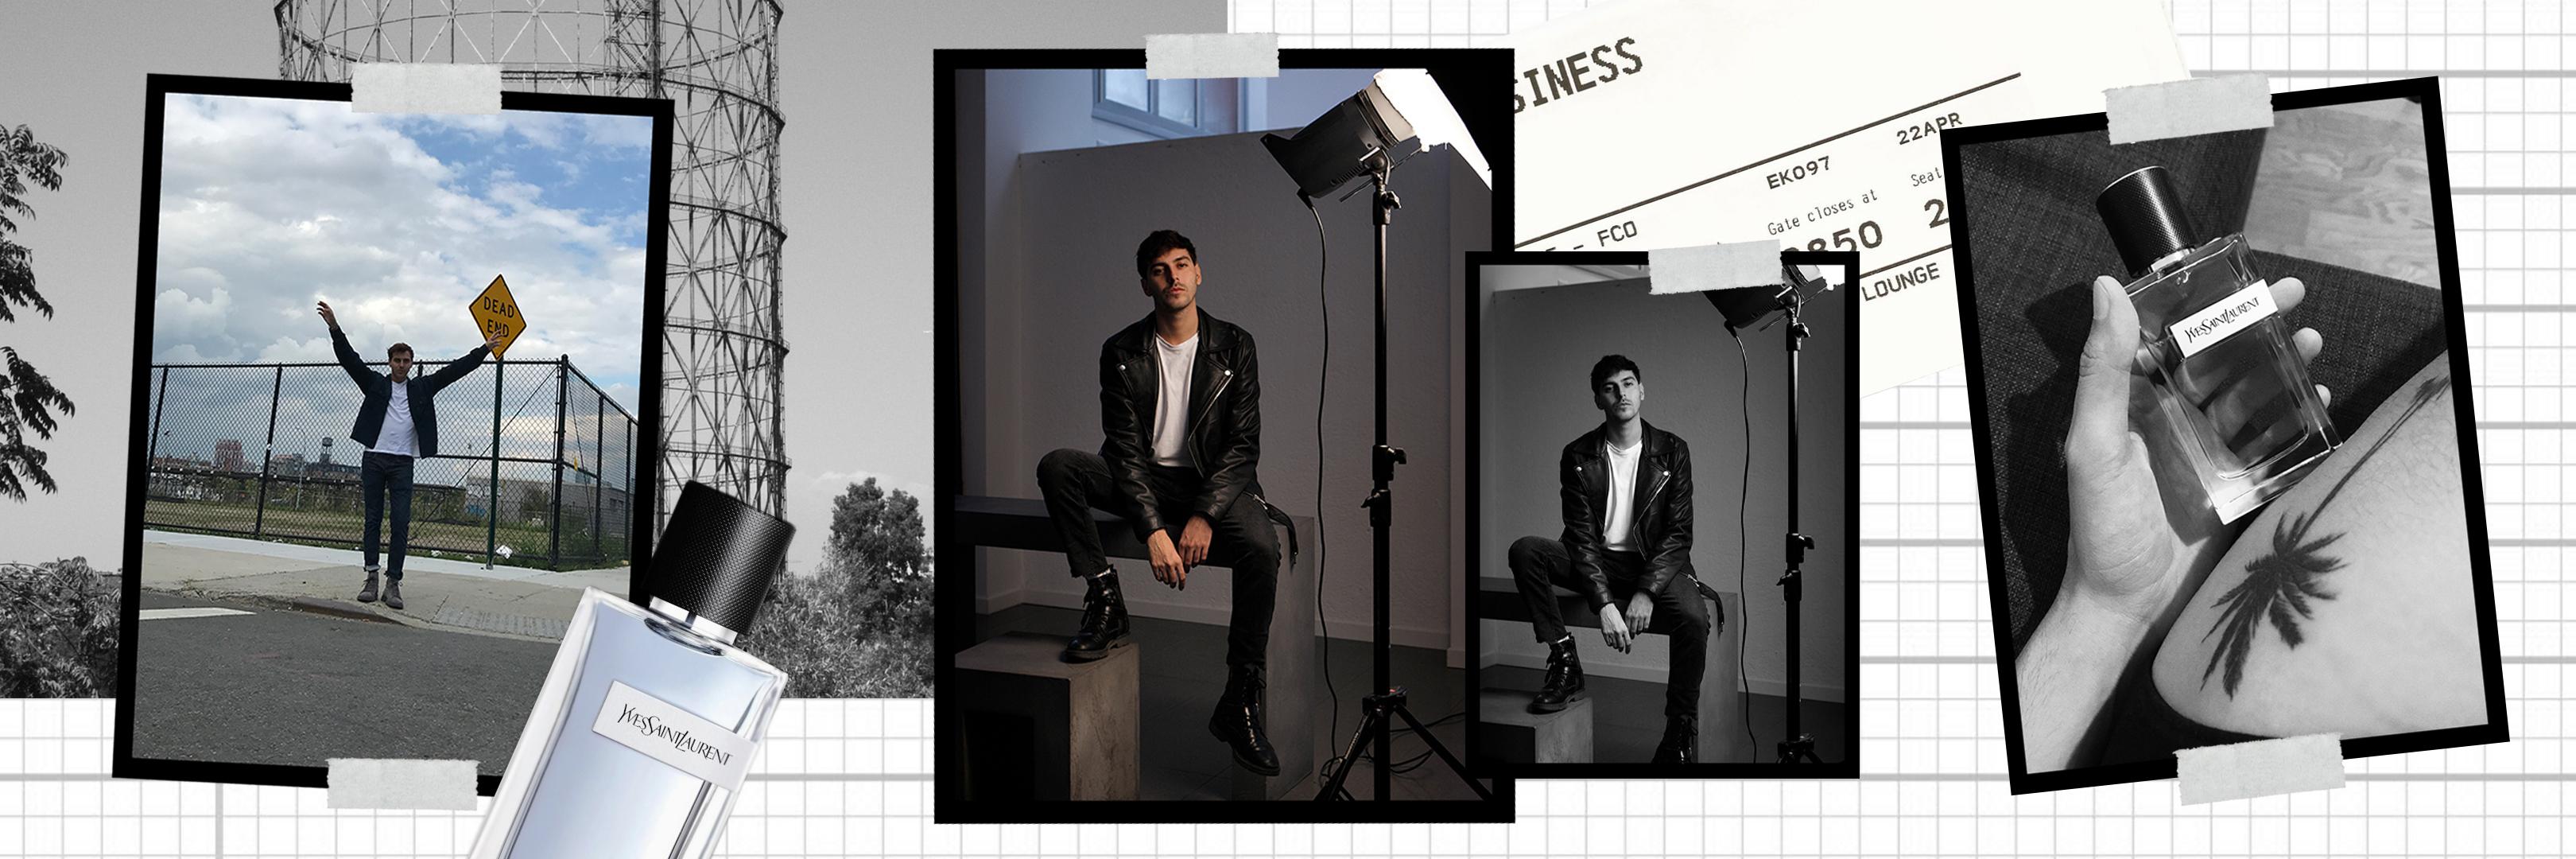 Y, la nuova fragranza maschile Yves Saint Laurent - La campagna di Roberto De Rosa